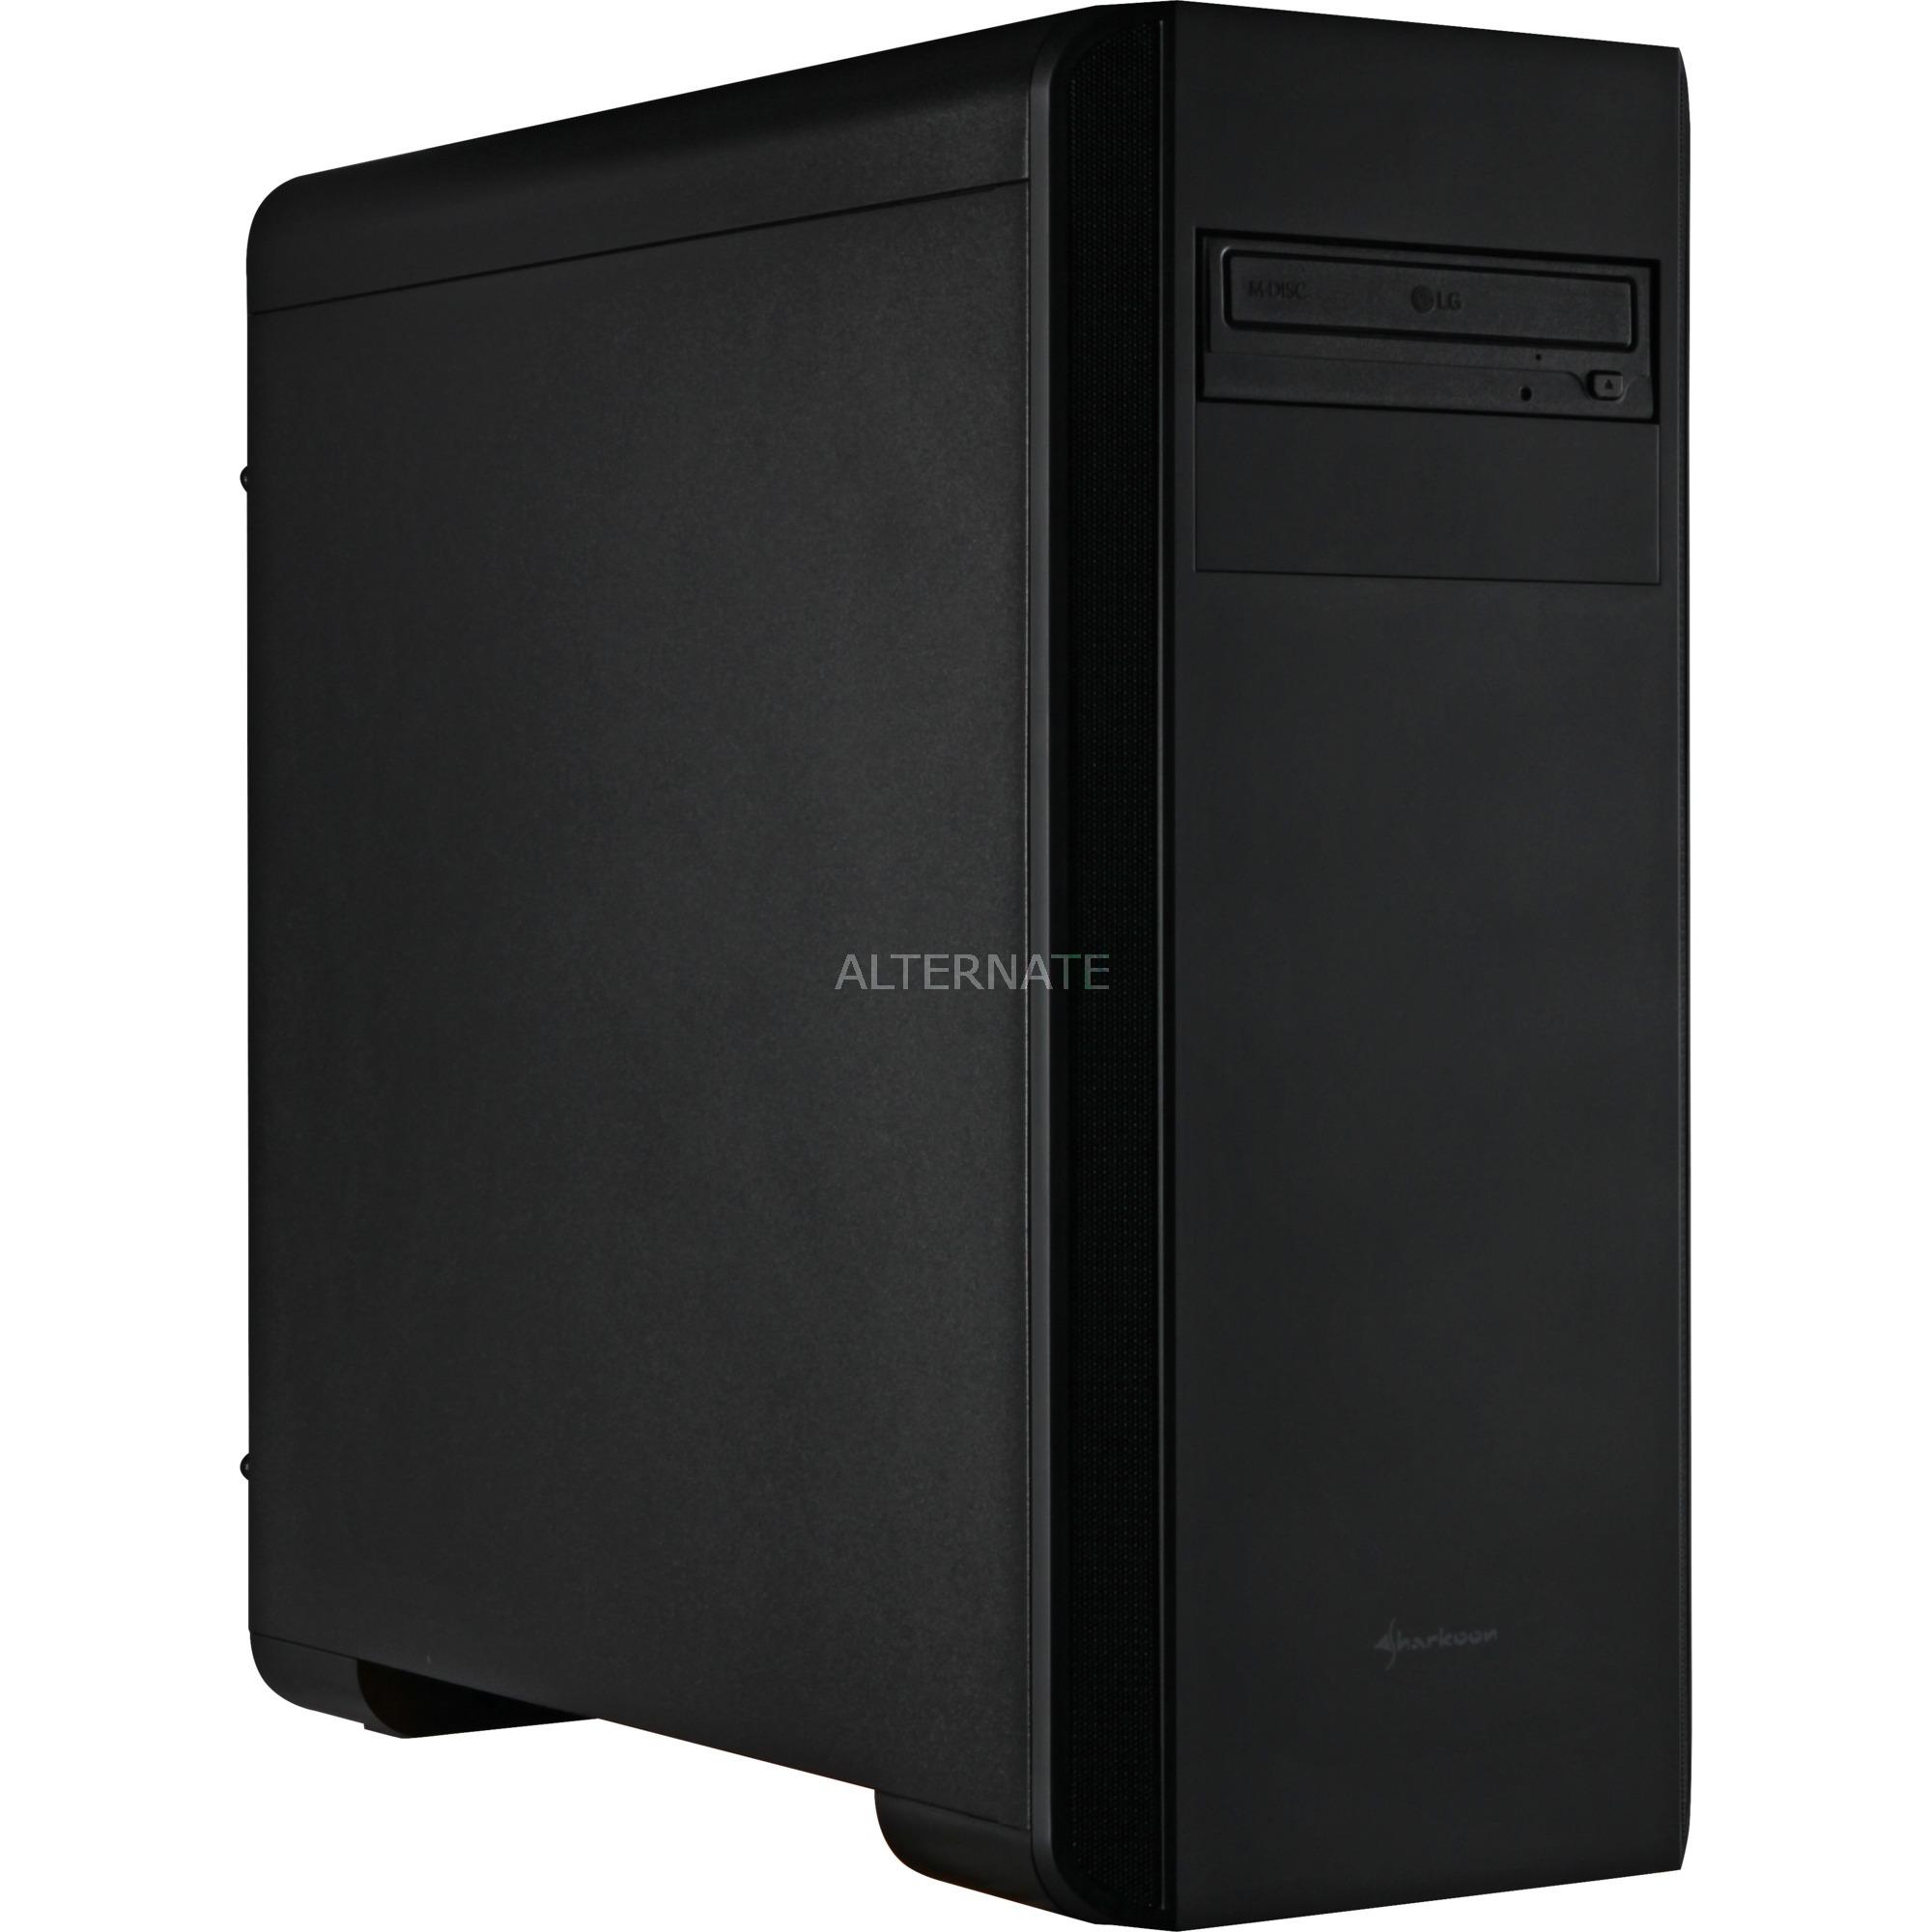 gamer-v5-pc-system